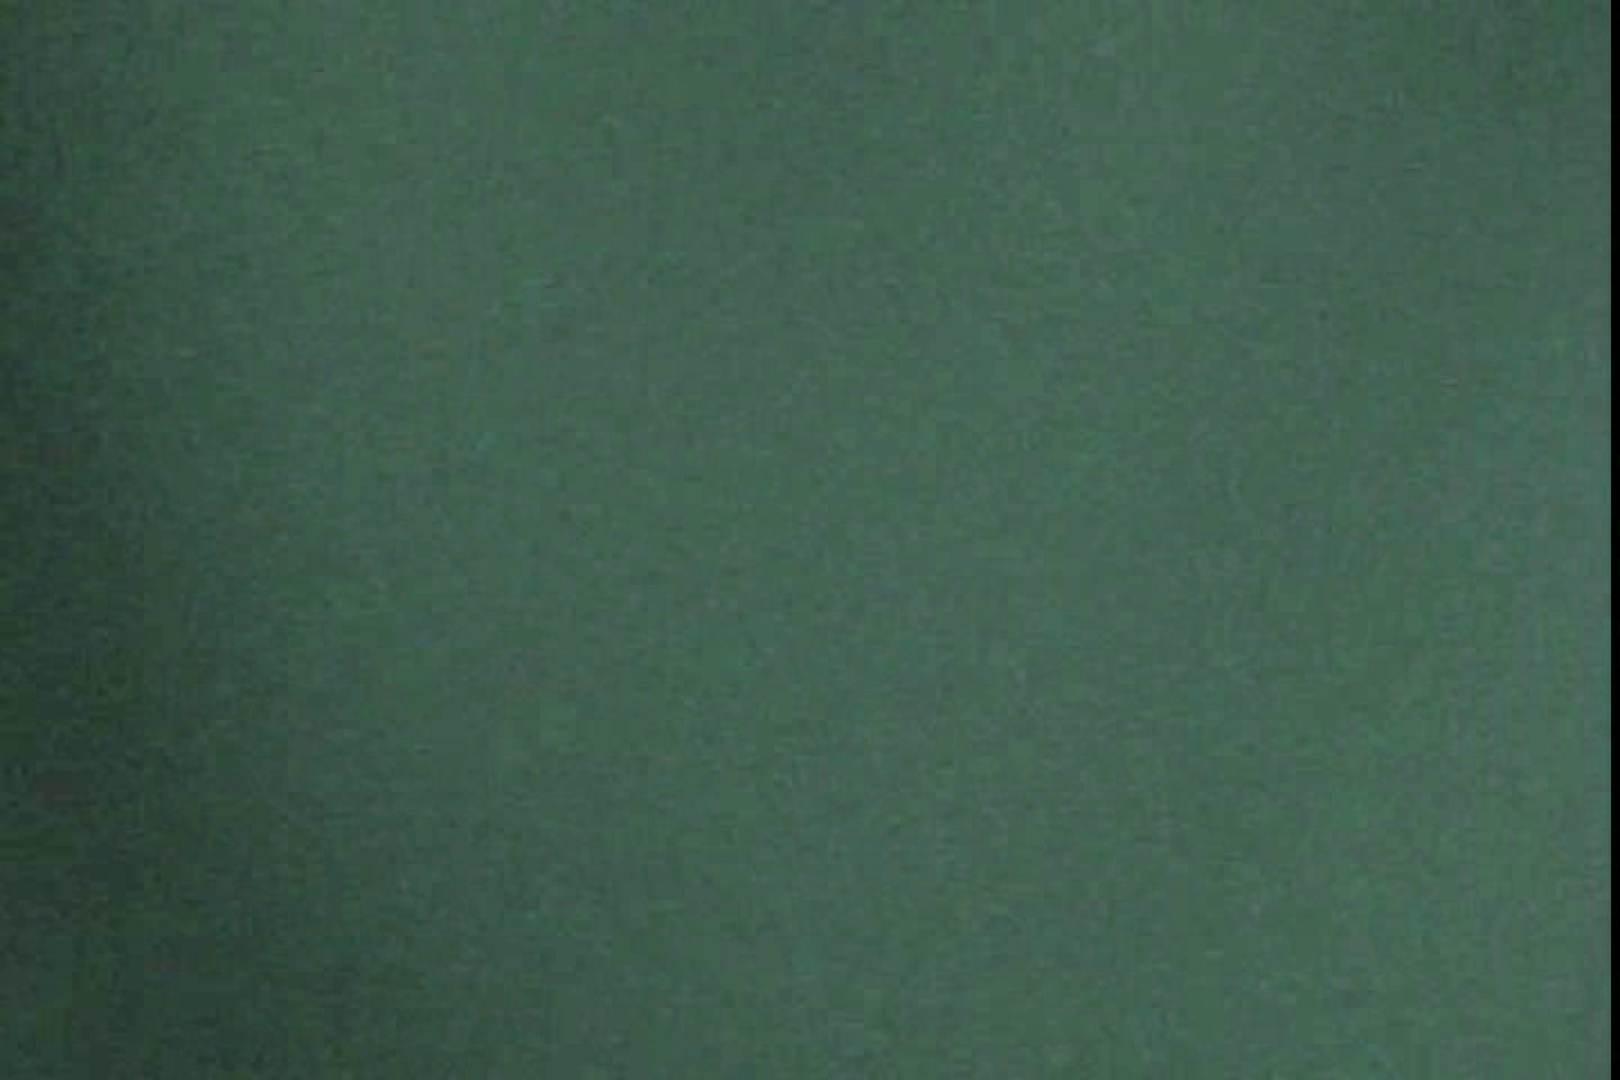 赤外線ムレスケバレー(汗) vol.05 アスリート   HなOL  66pic 8